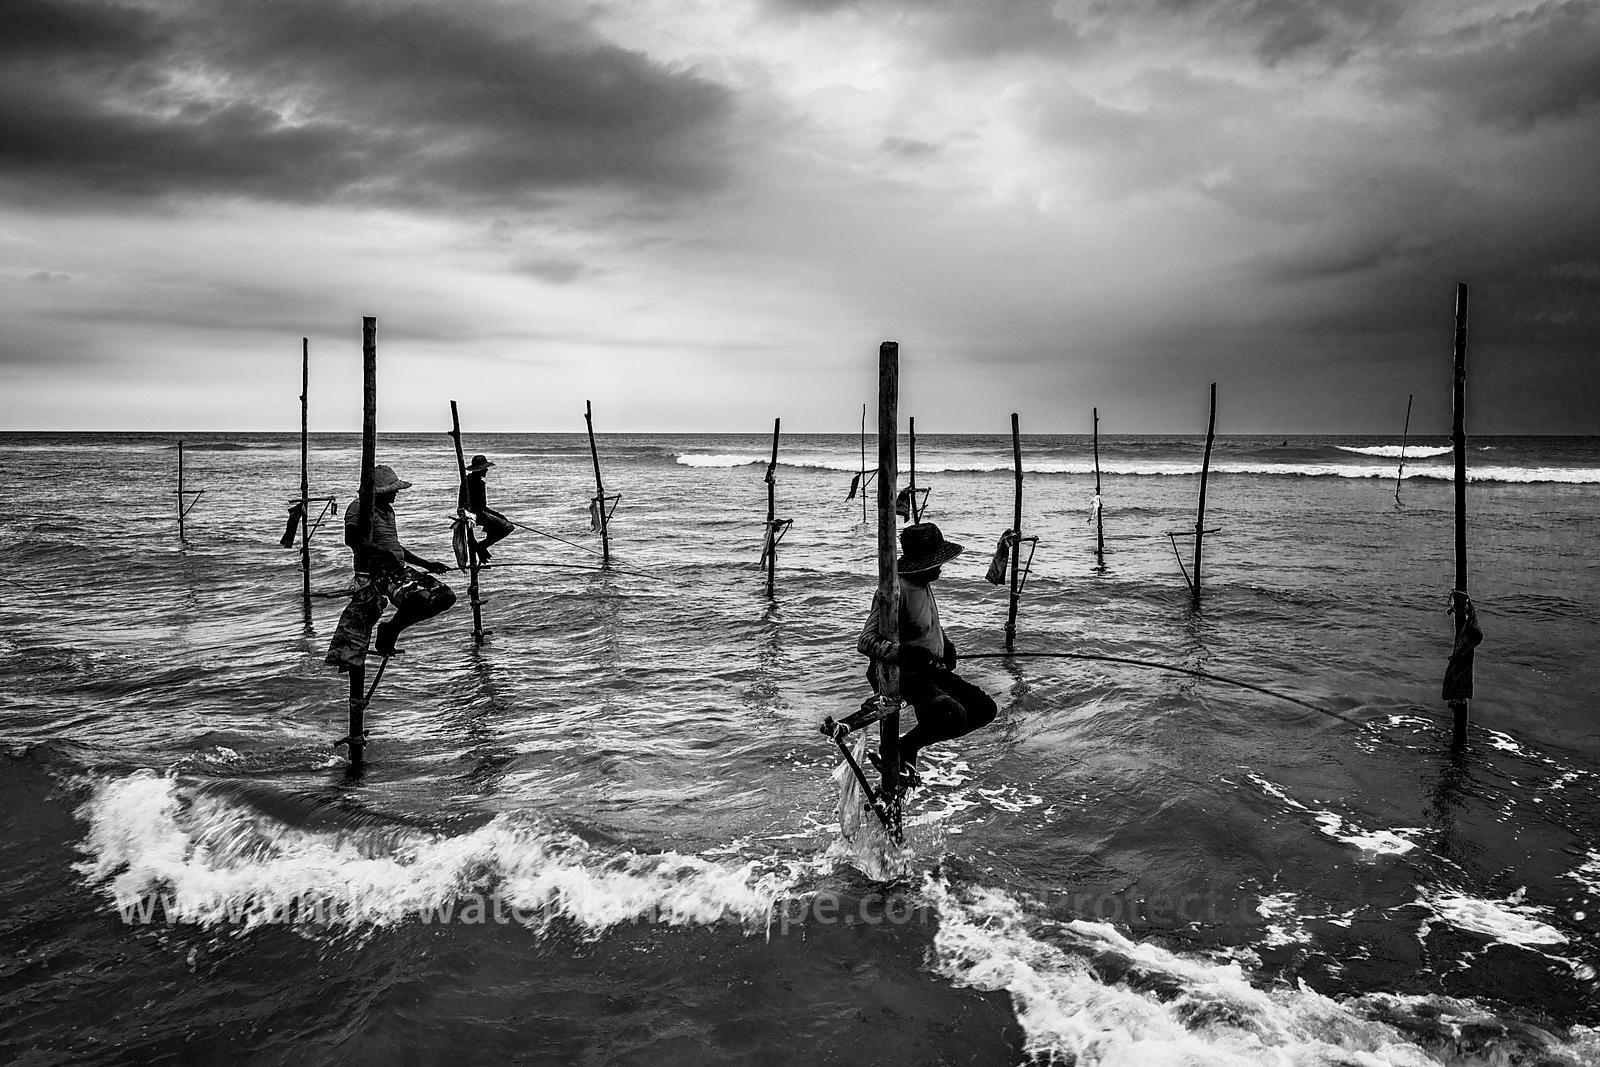 Fisherman in sri lanka in black and white